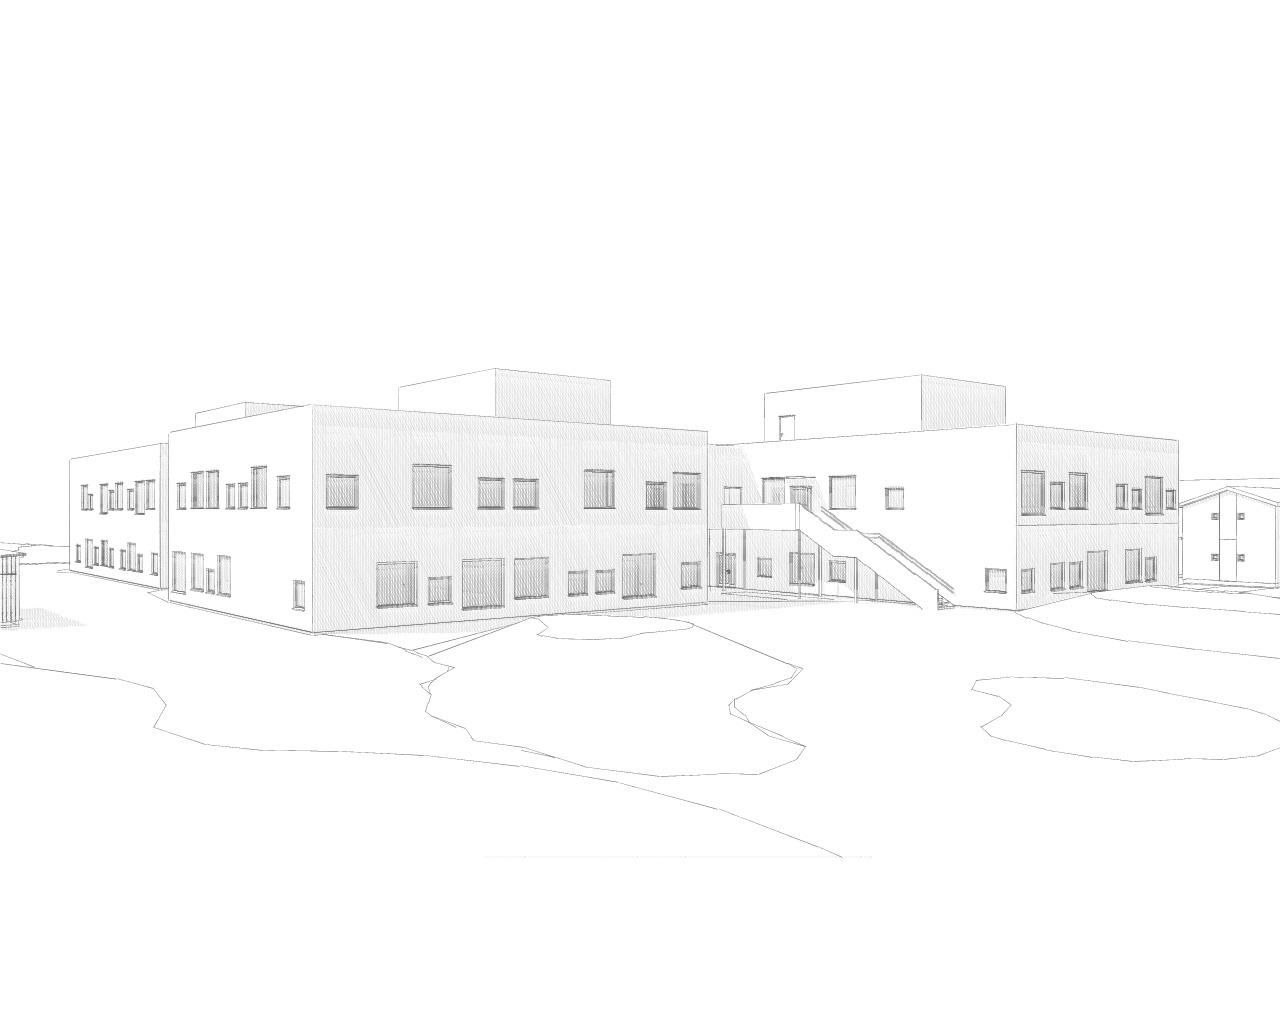 Hovedmodell Hebekk skole - Picture # 2.jpg